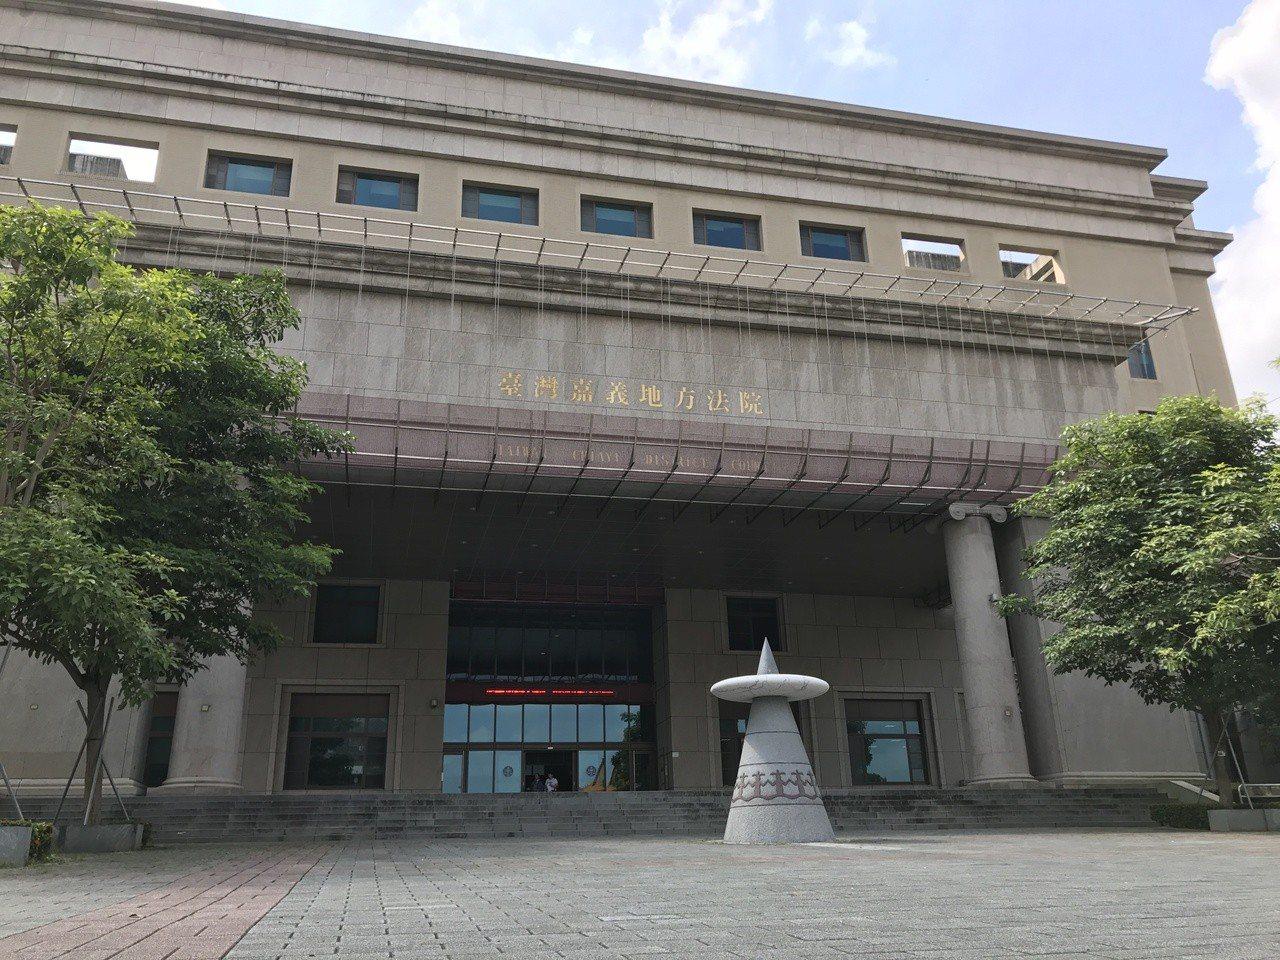 偽造鈔票的兩人GG 法院裁定收押 在獄中吃年夜飯